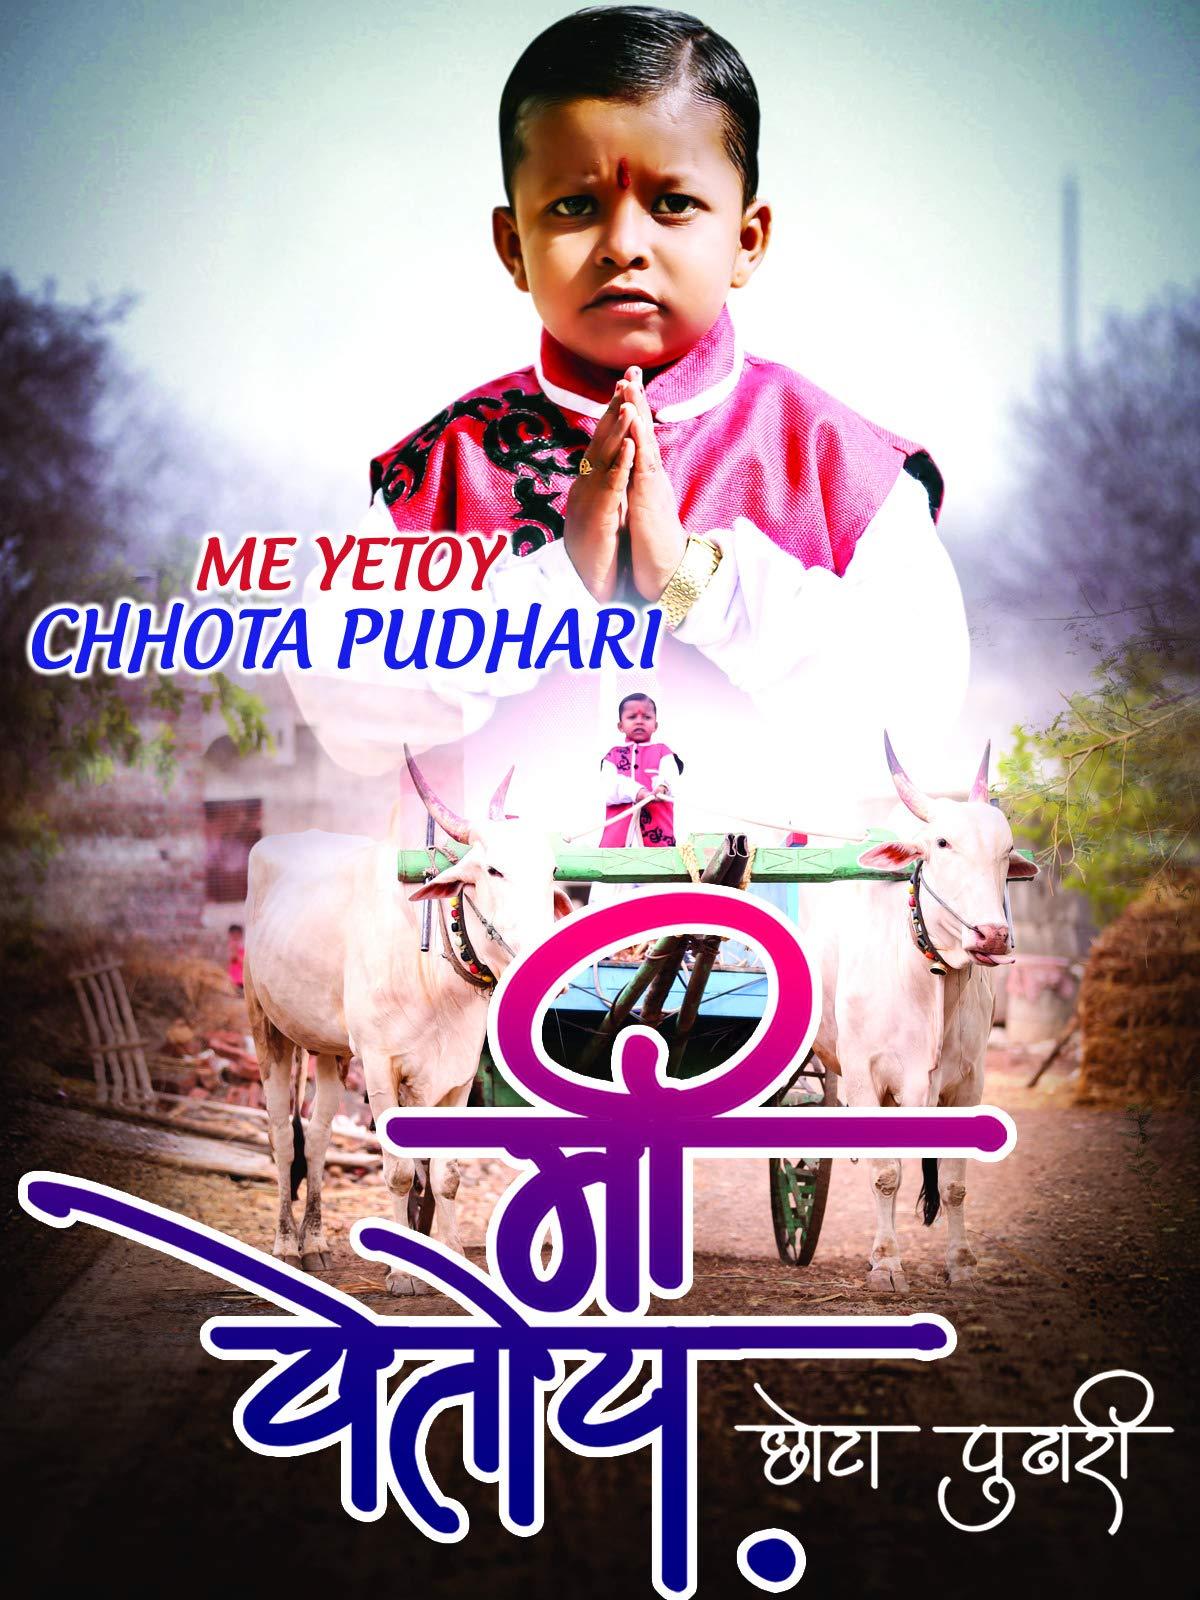 Me Yetoy.Chhota Pudhari